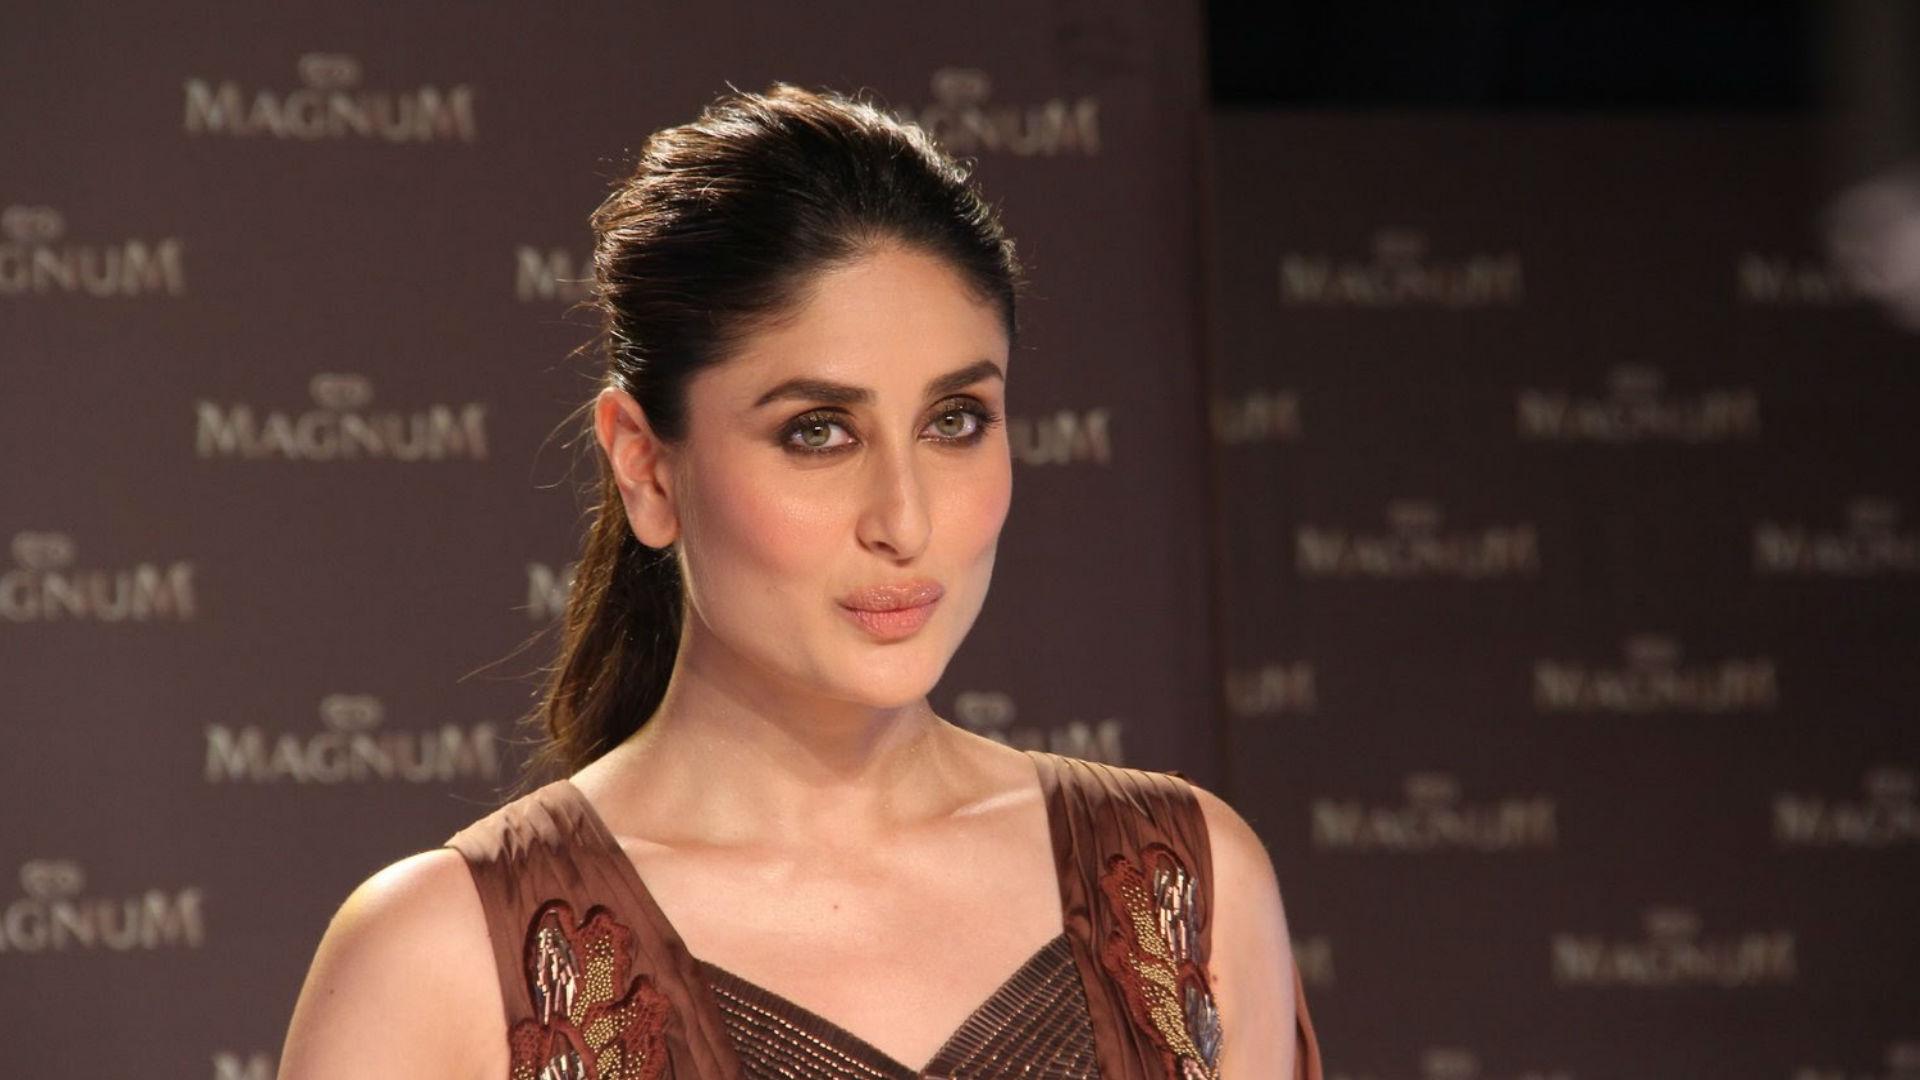 फिल्म गुड न्यूज में अक्षय कुमार के साथ काम करने पर करीना कपूर खान ने जताई खुशी, इस तरफ बांधे तारीफों के पुल